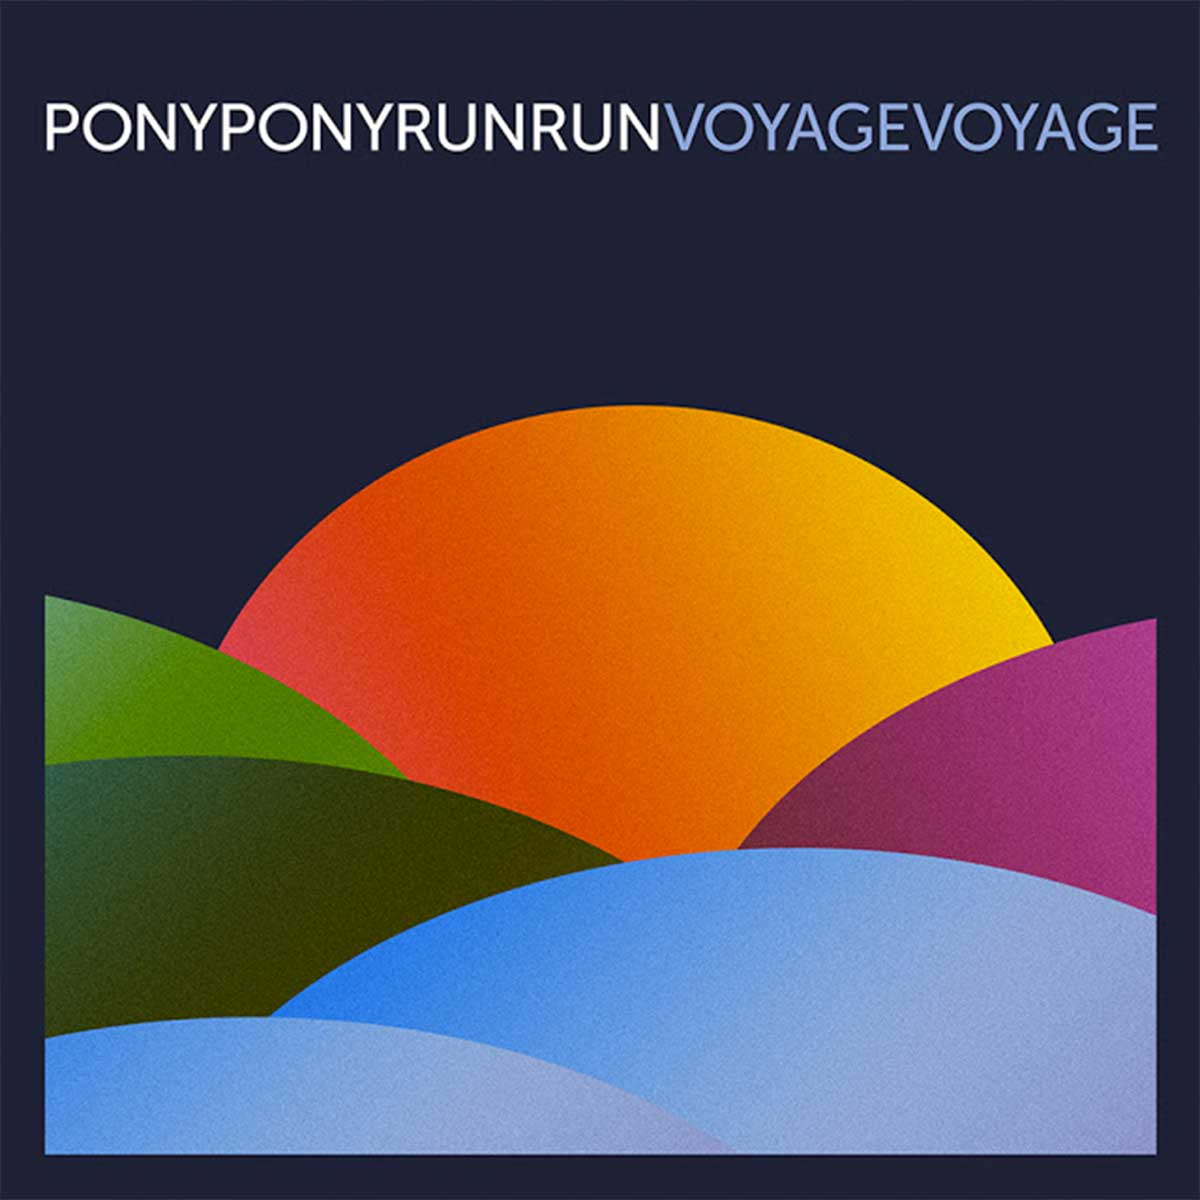 pony pony run run voyage voyage